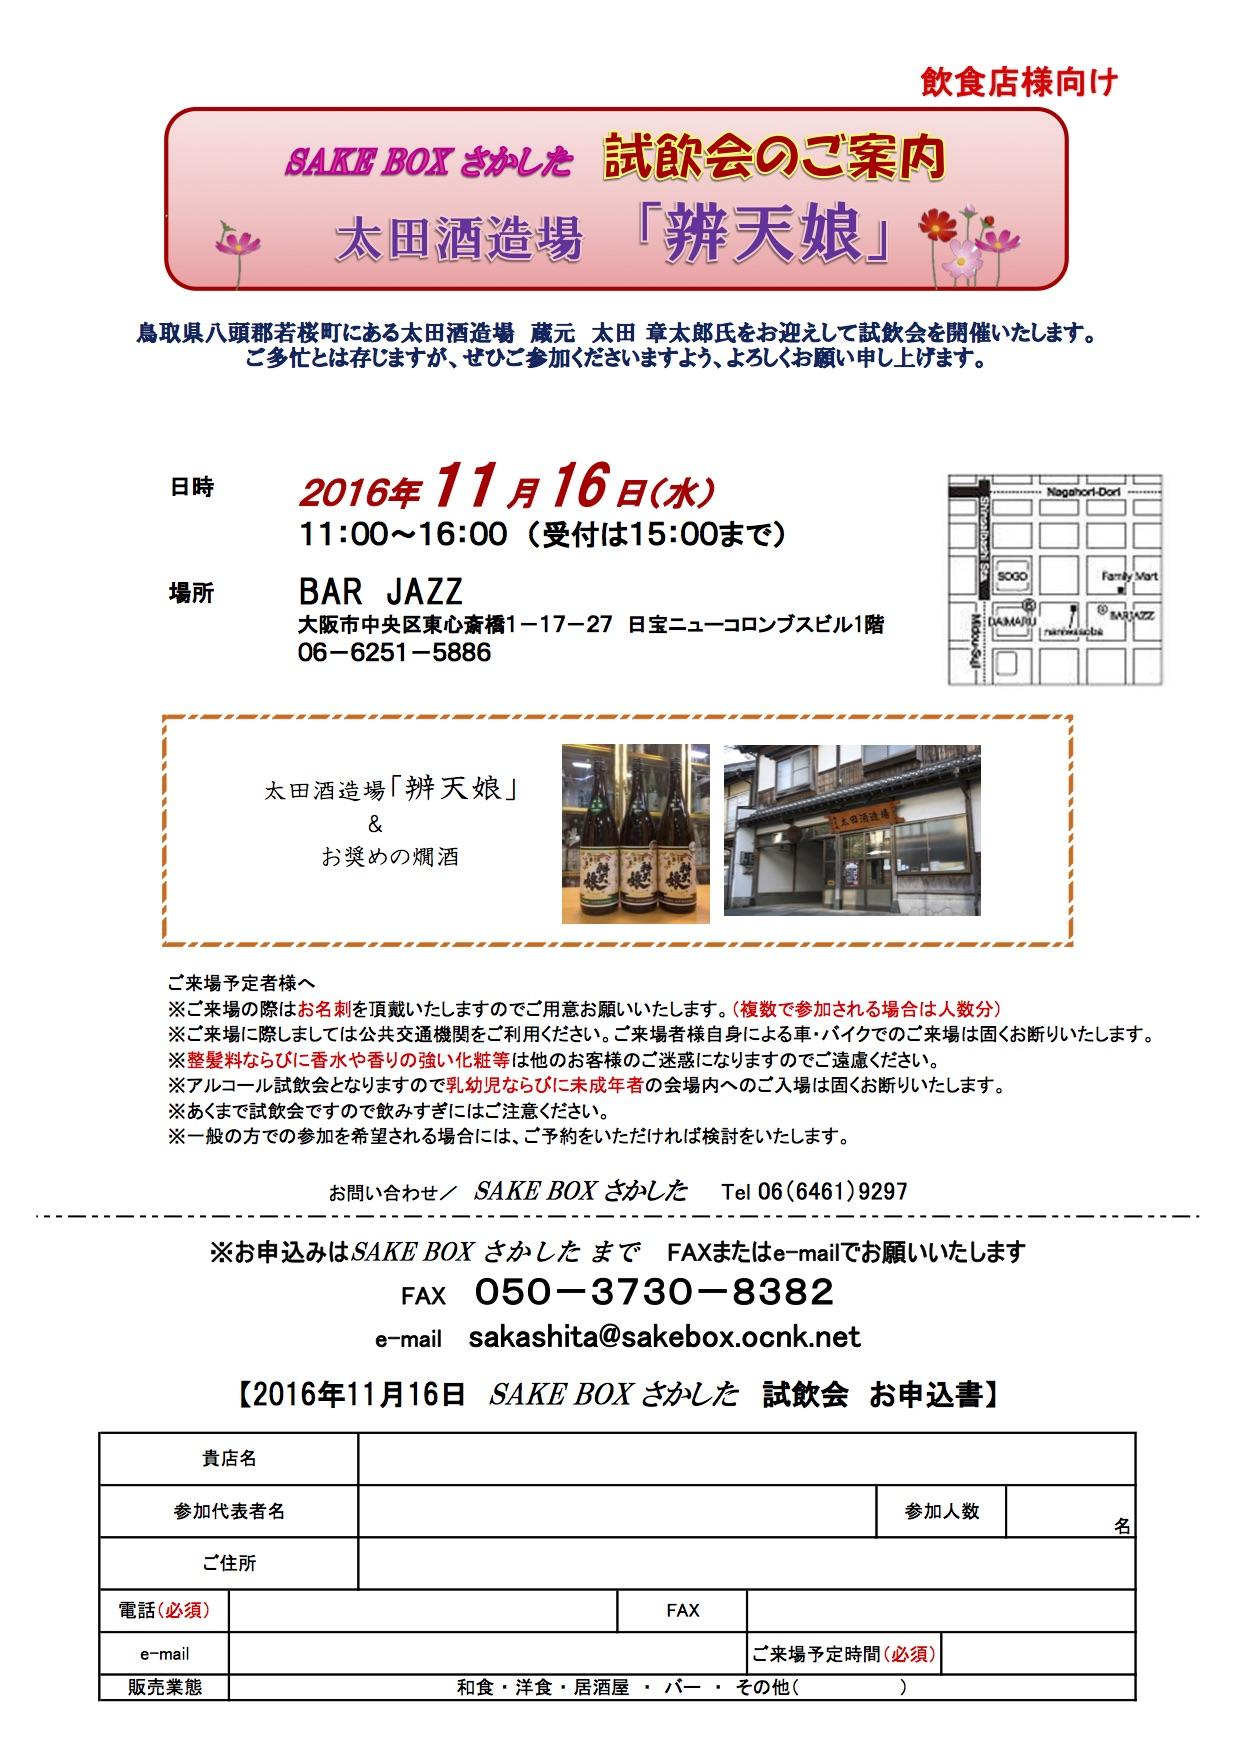 201611月 辨天試飲会 のコピー.jpg